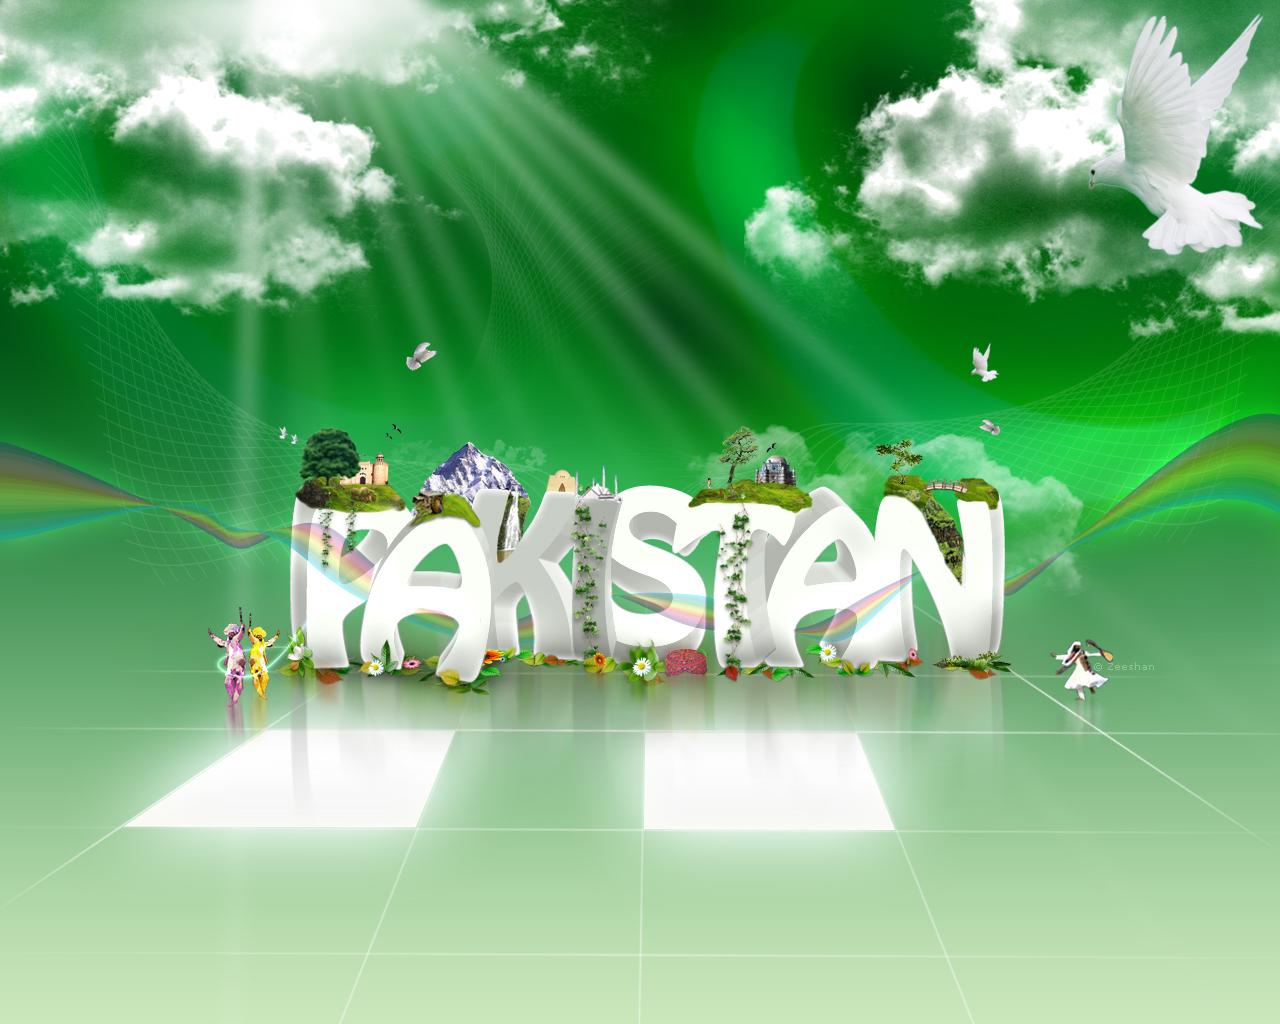 http://3.bp.blogspot.com/-wM56mS3WSsY/TjuG4Zu3h5I/AAAAAAAABhk/UgWcddEEWI0/s1600/Pakistan_Wallpaper.jpg